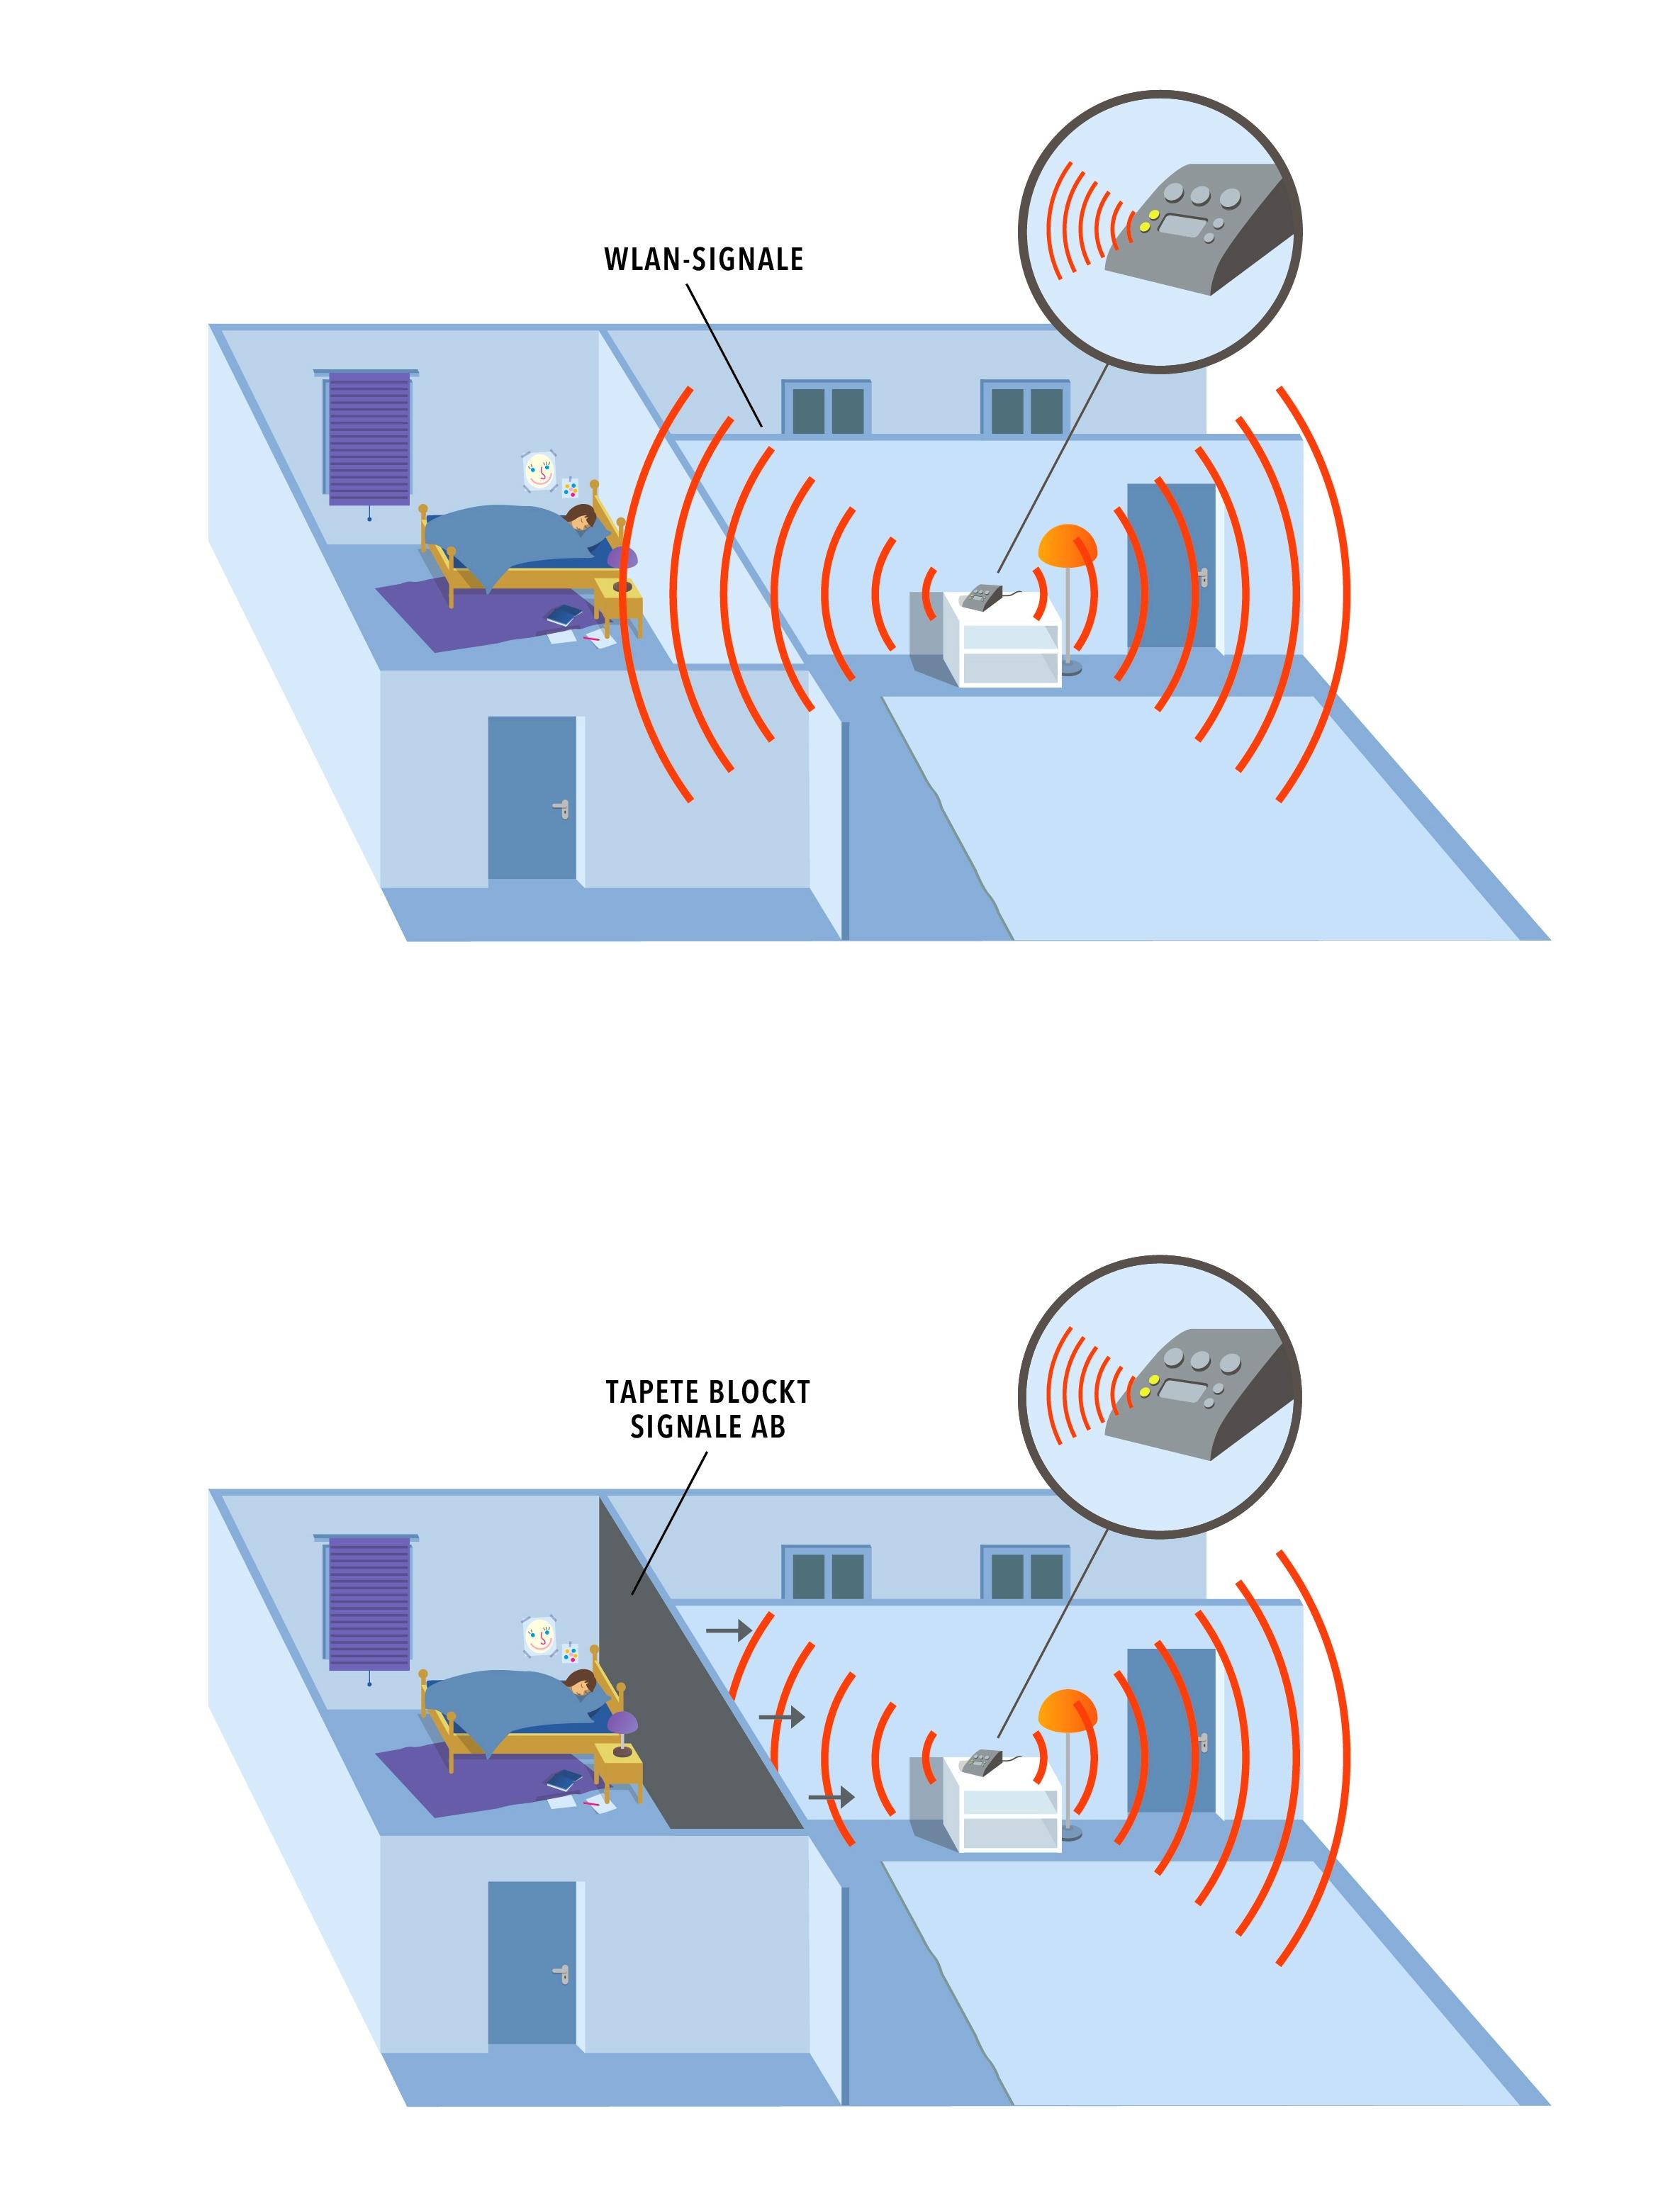 Guardia - Elektromagnetische Abschirmung zum Schutz vor